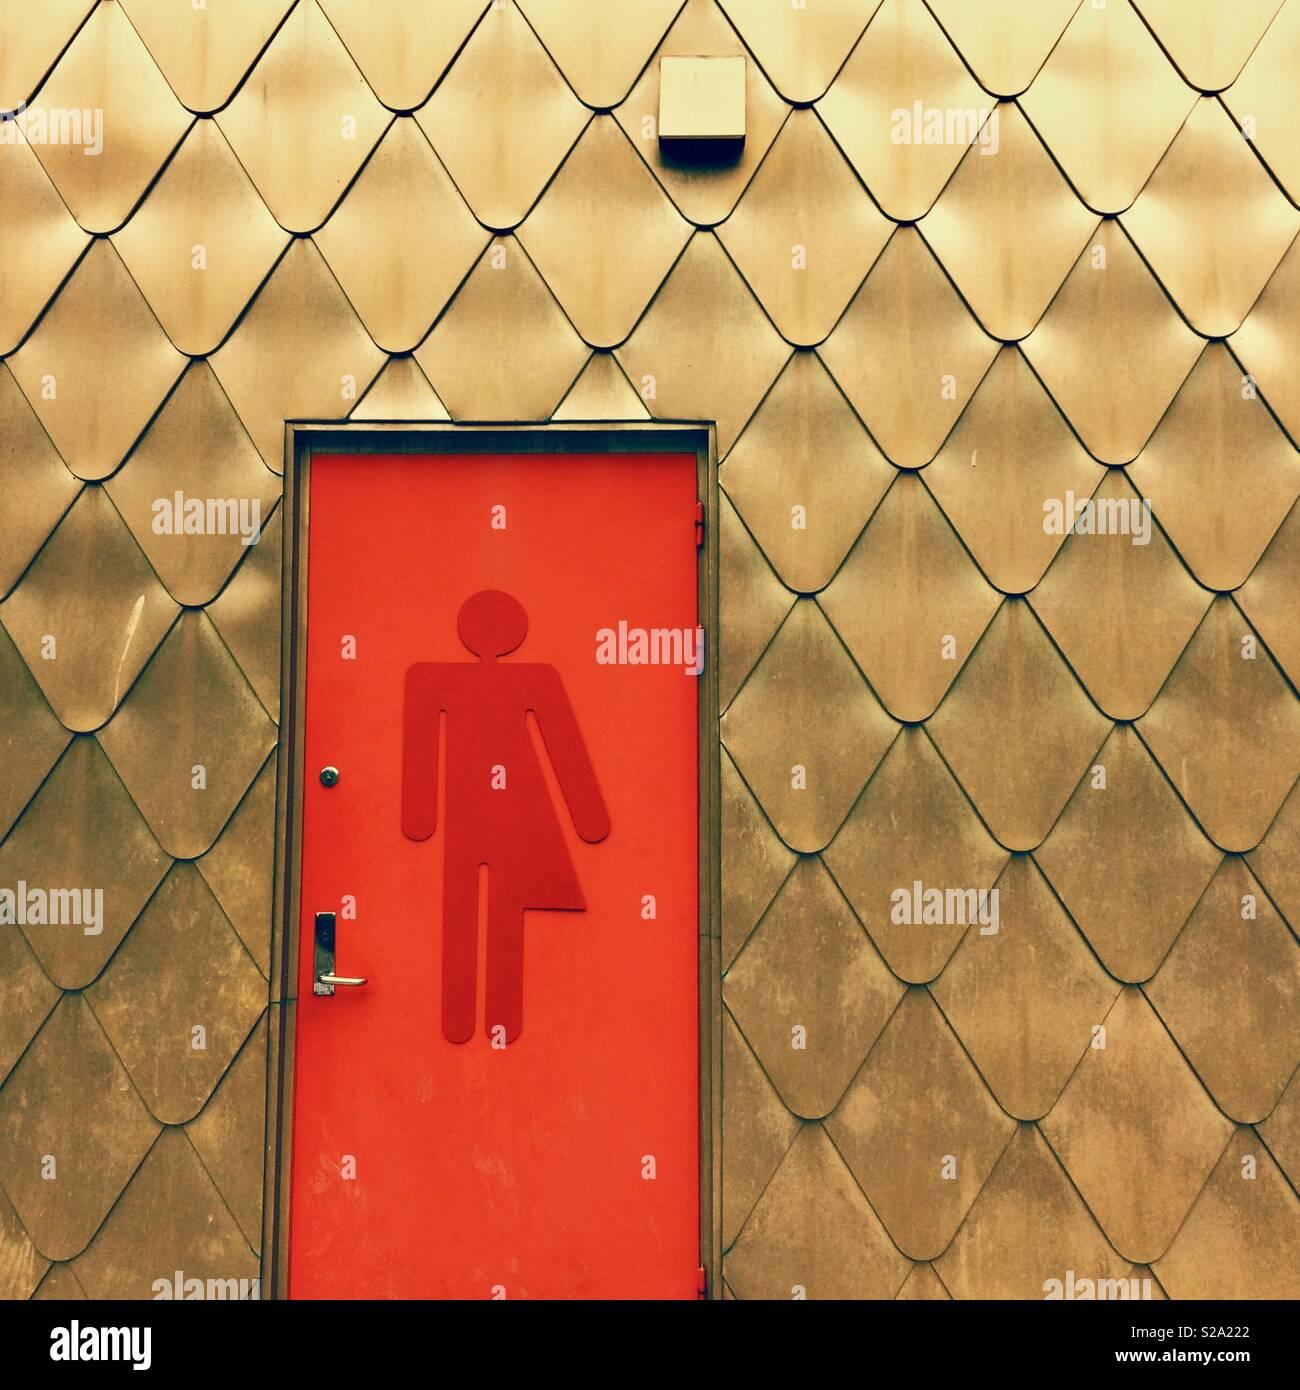 Una puerta de baño unisex rojo en un edificio - Oro líquido de género / género neutro / símbolo transgénero Foto de stock